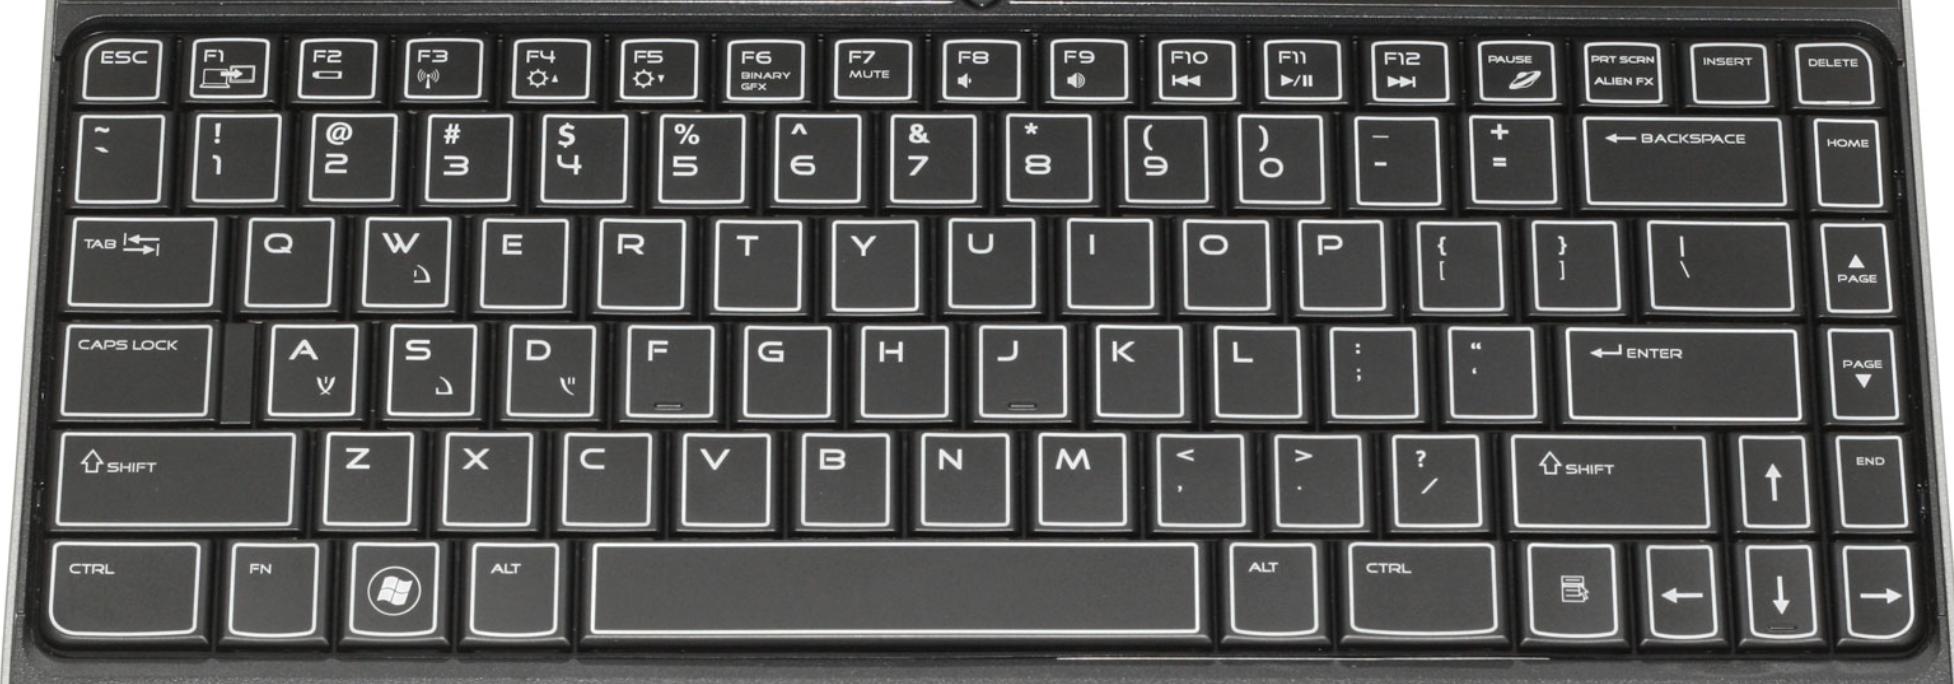 dell m11x laptop keyboard keys